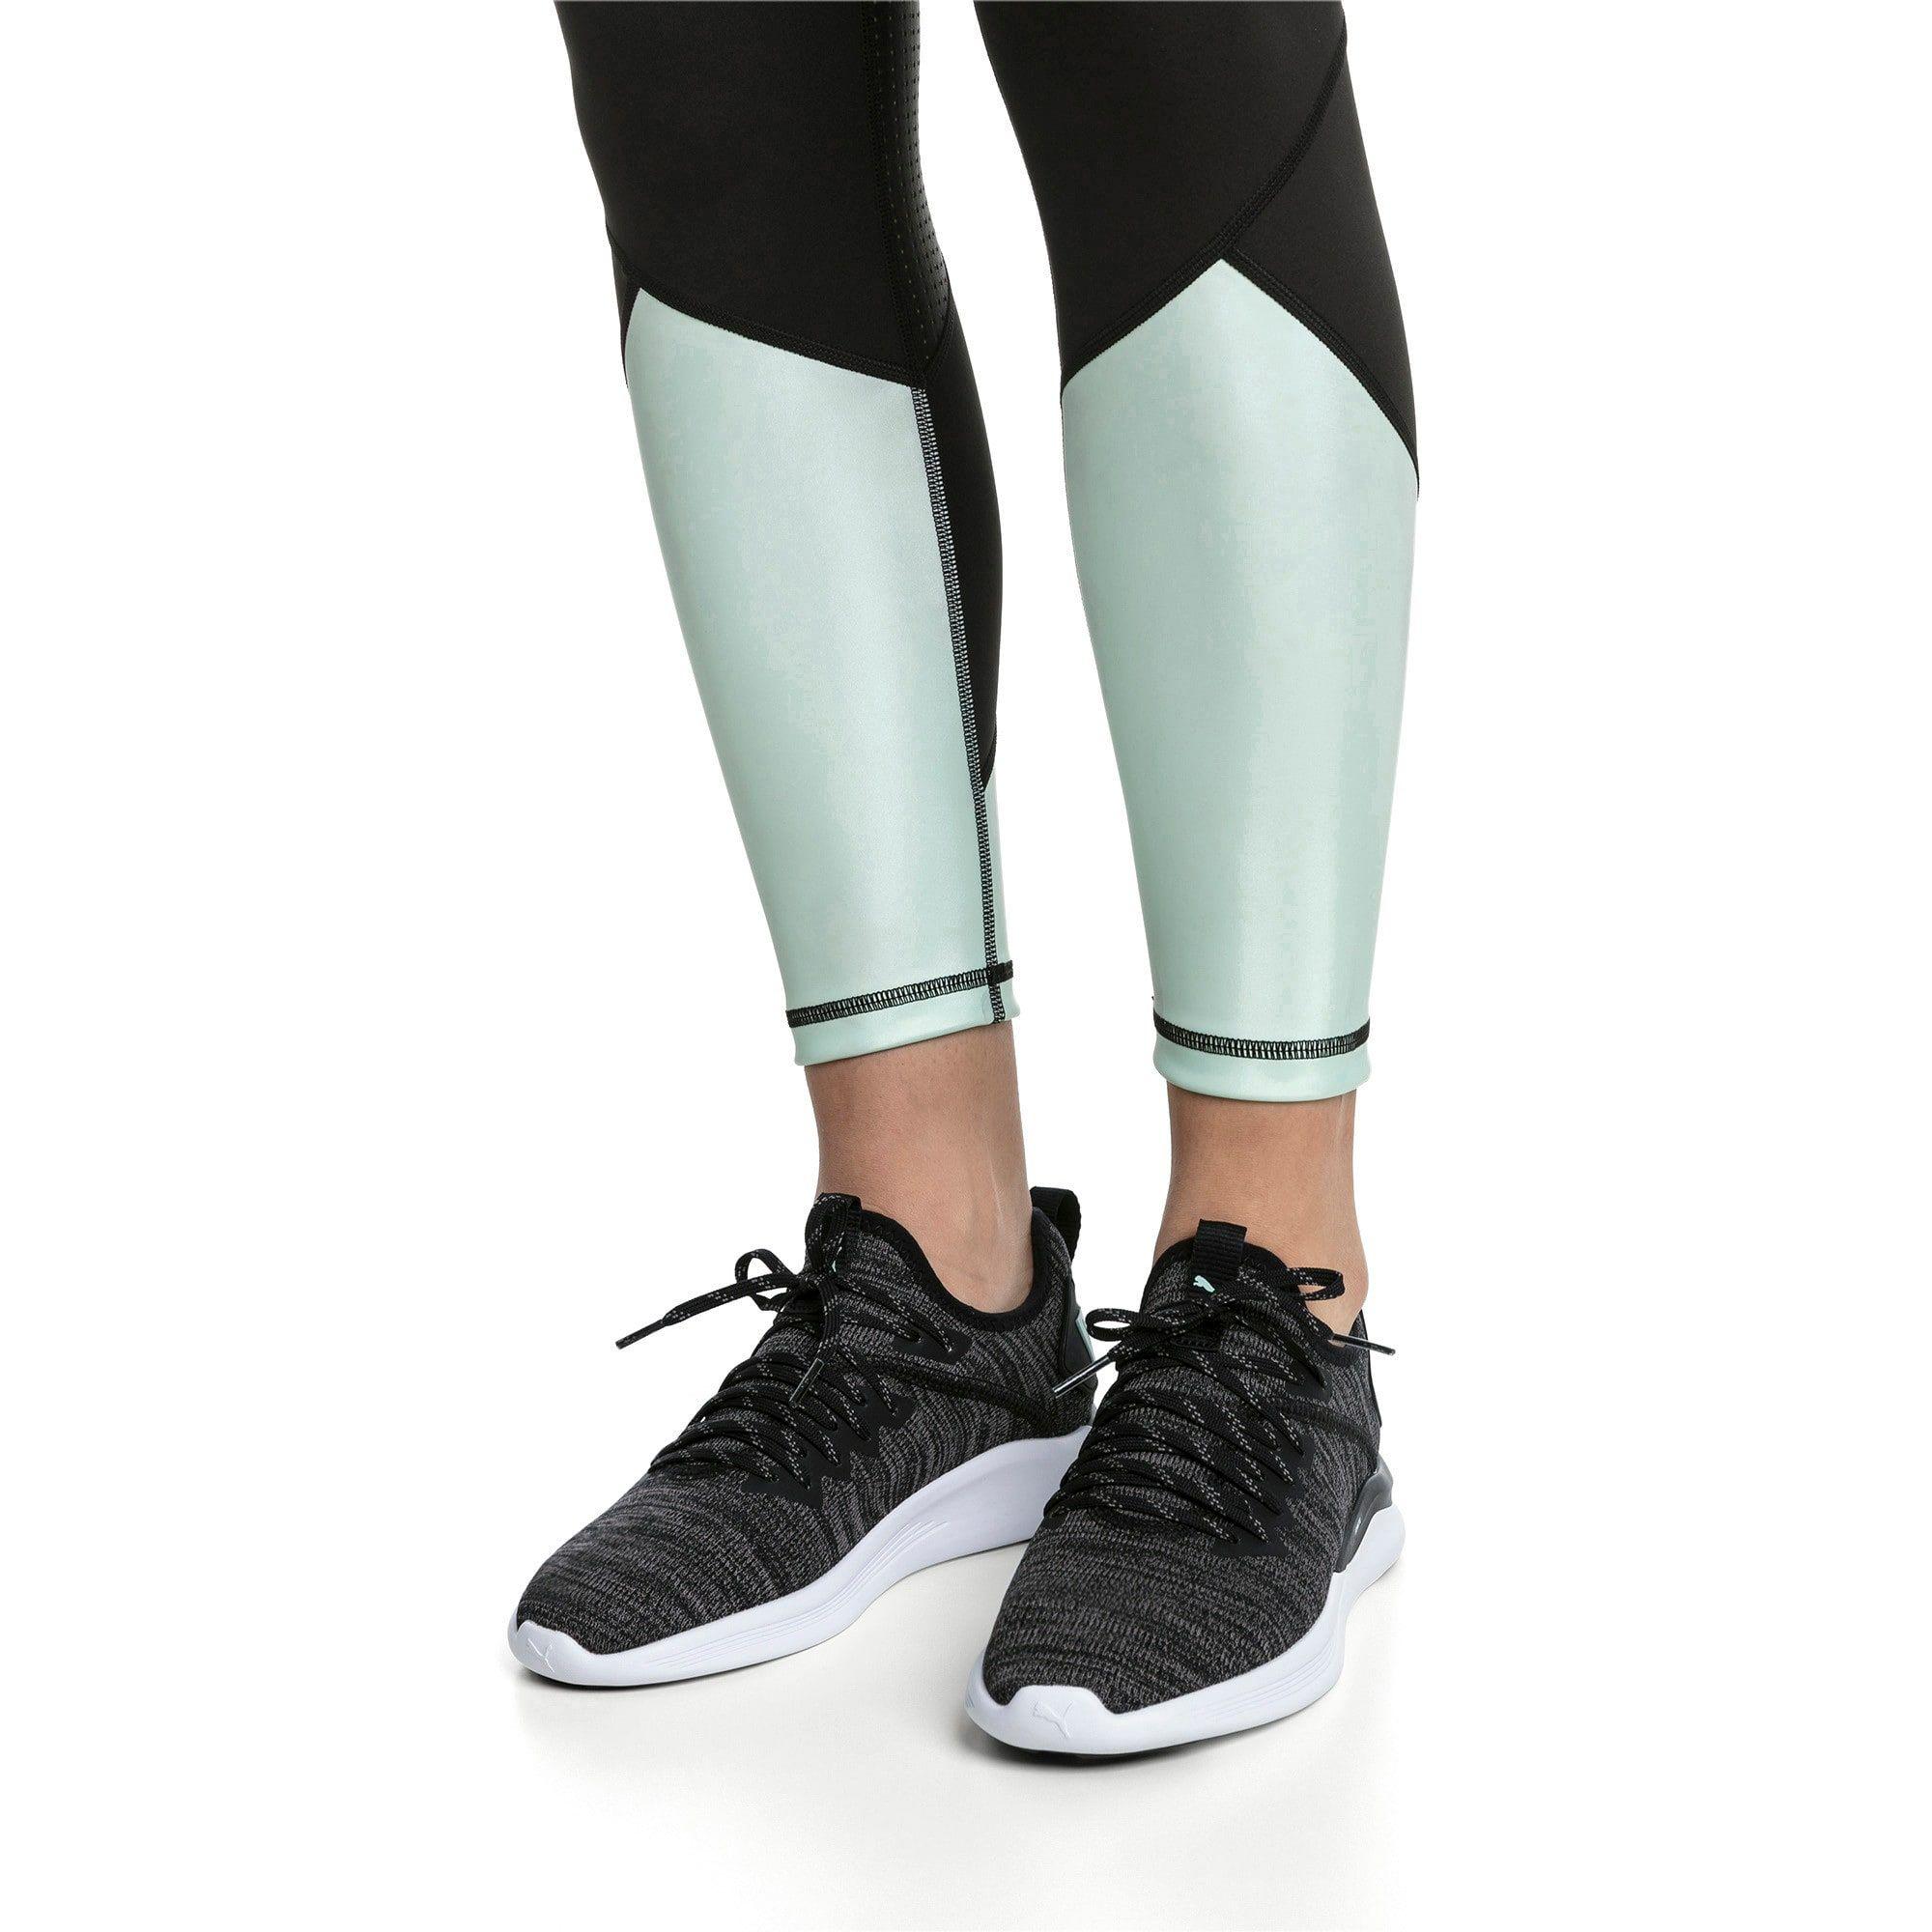 IGNITE Flash evoKNIT Damen Laufschuhe | Schwarzkohle-Faires Aqua | PUMA Damen Sneakers & Sneakers | PUMA Großbritannien